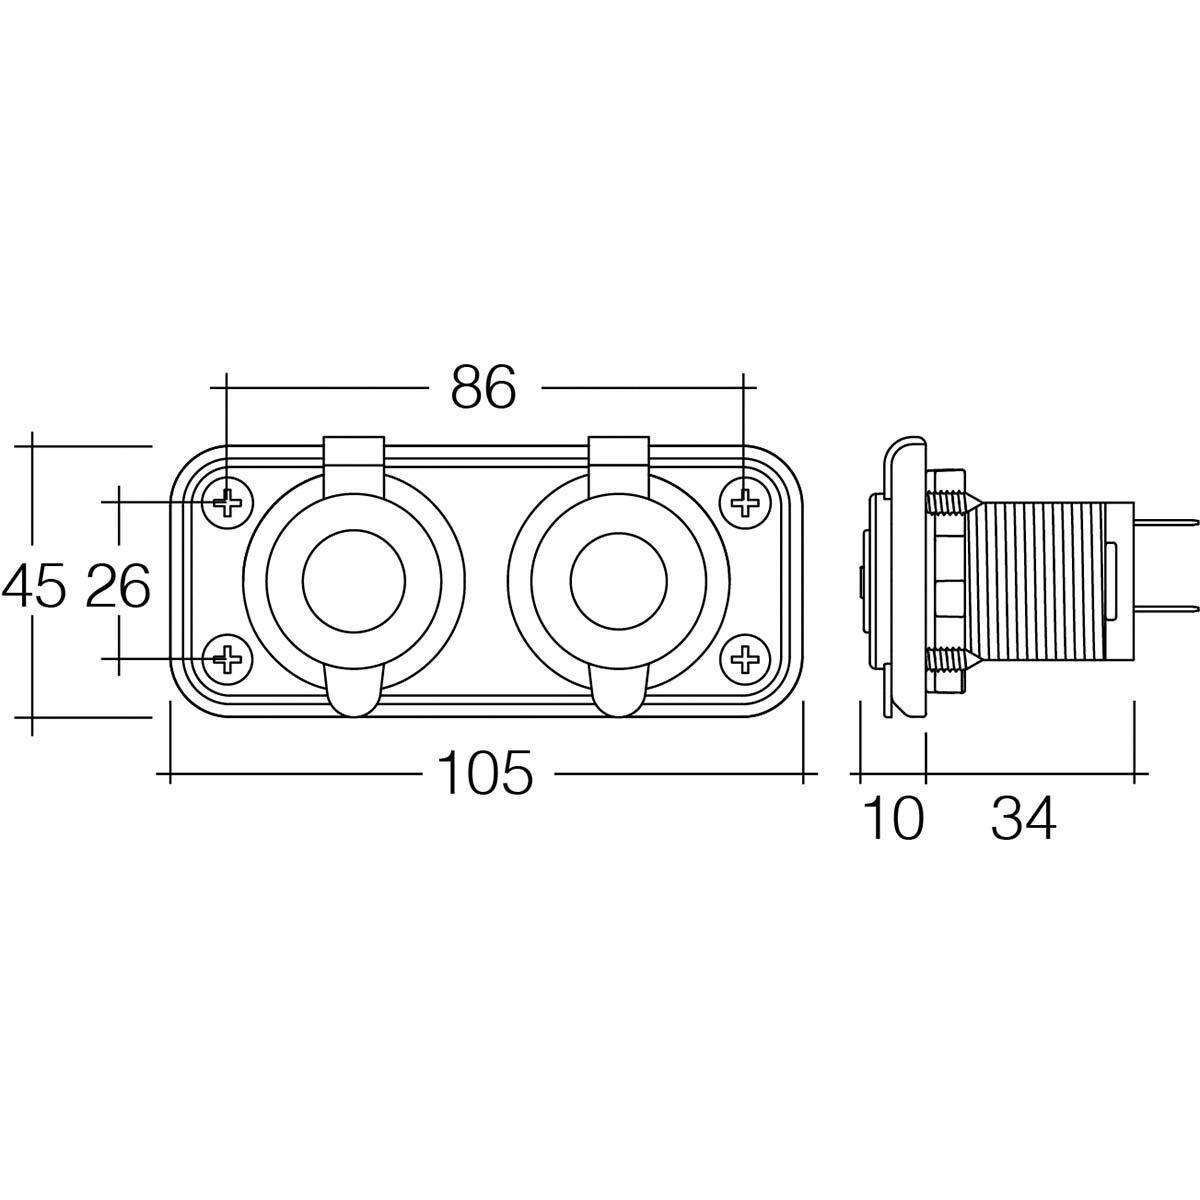 medium resolution of 12 24v twin accessory usb socket heavy duty acc dual usb